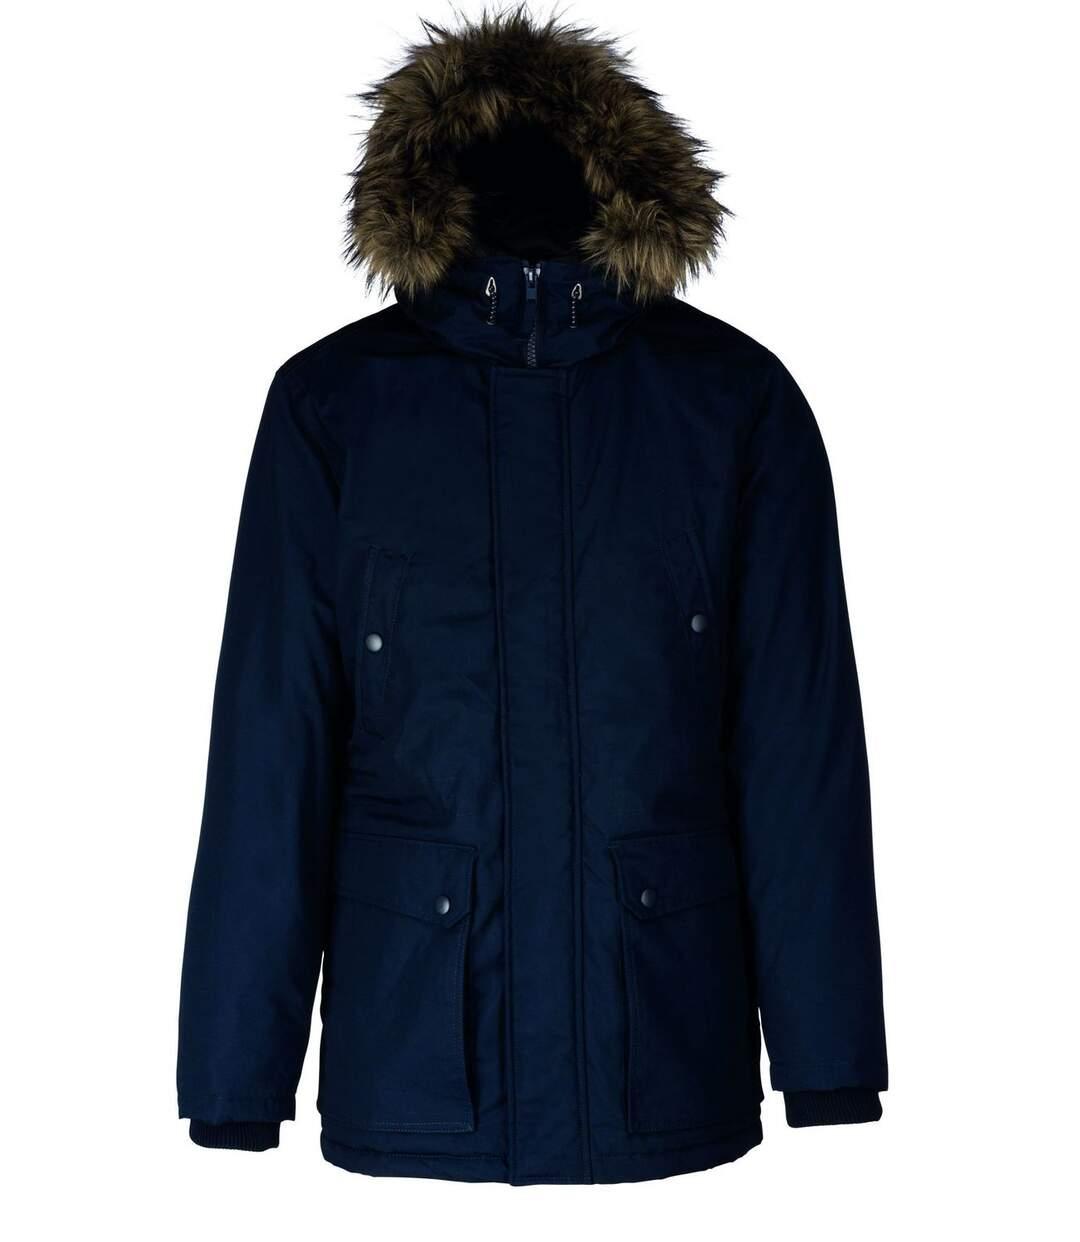 Parka pour grand froid - homme - K621 - bleu marine